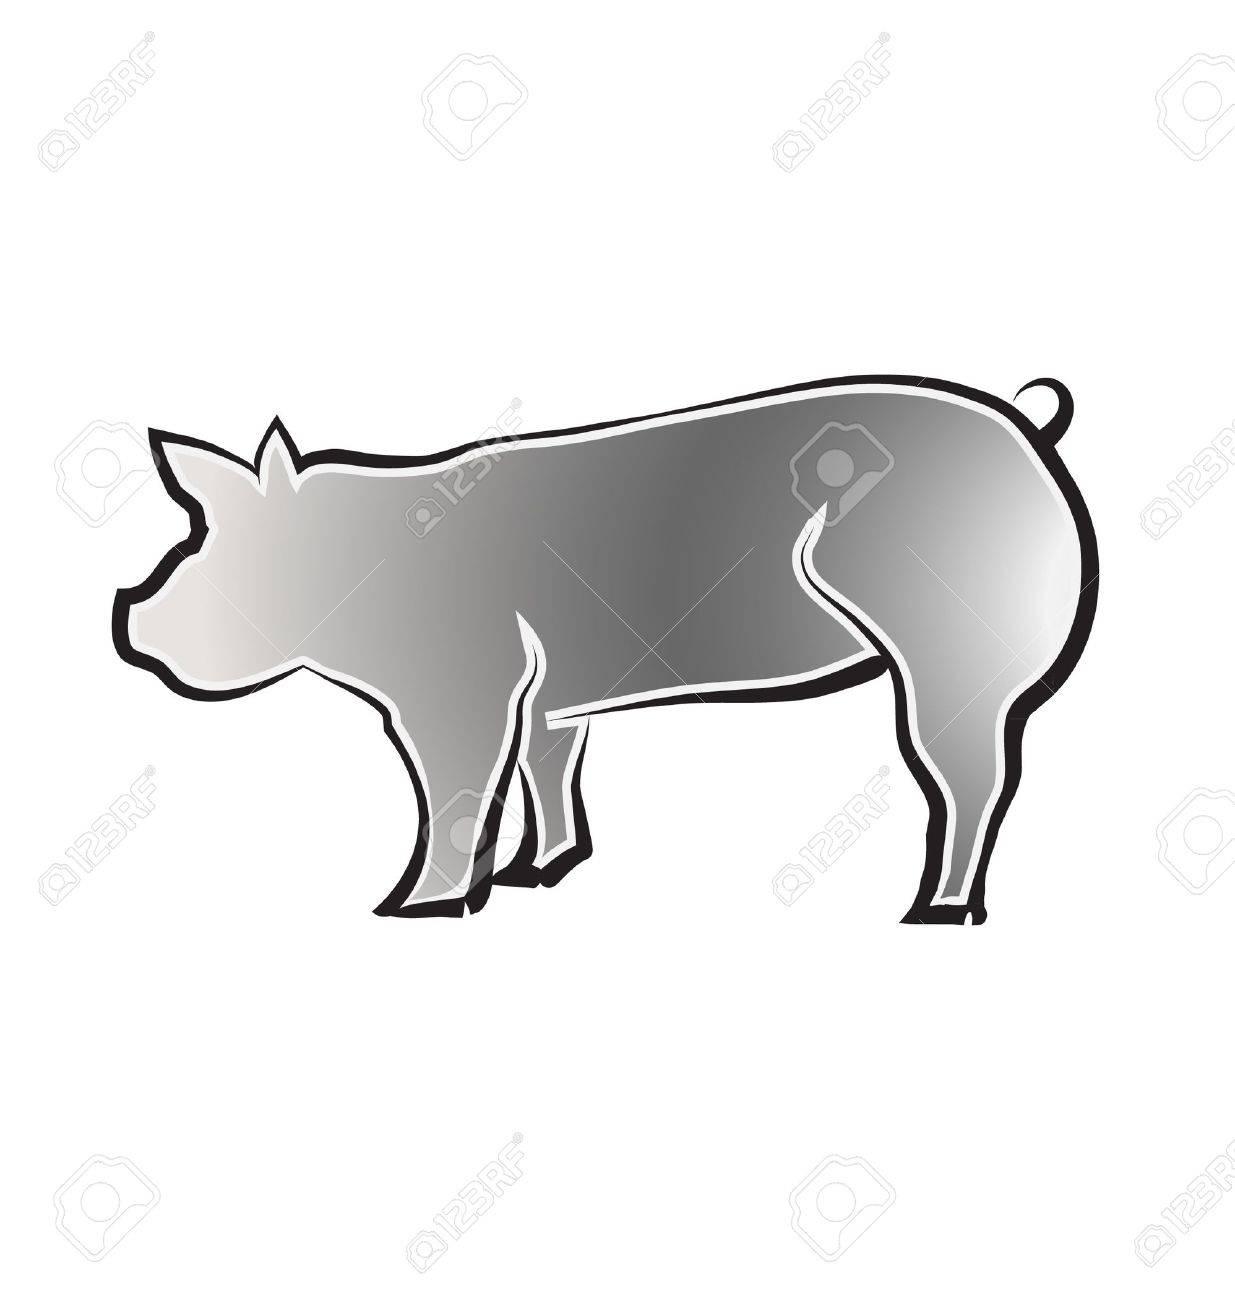 Big Pig Stock Vector - 14417468